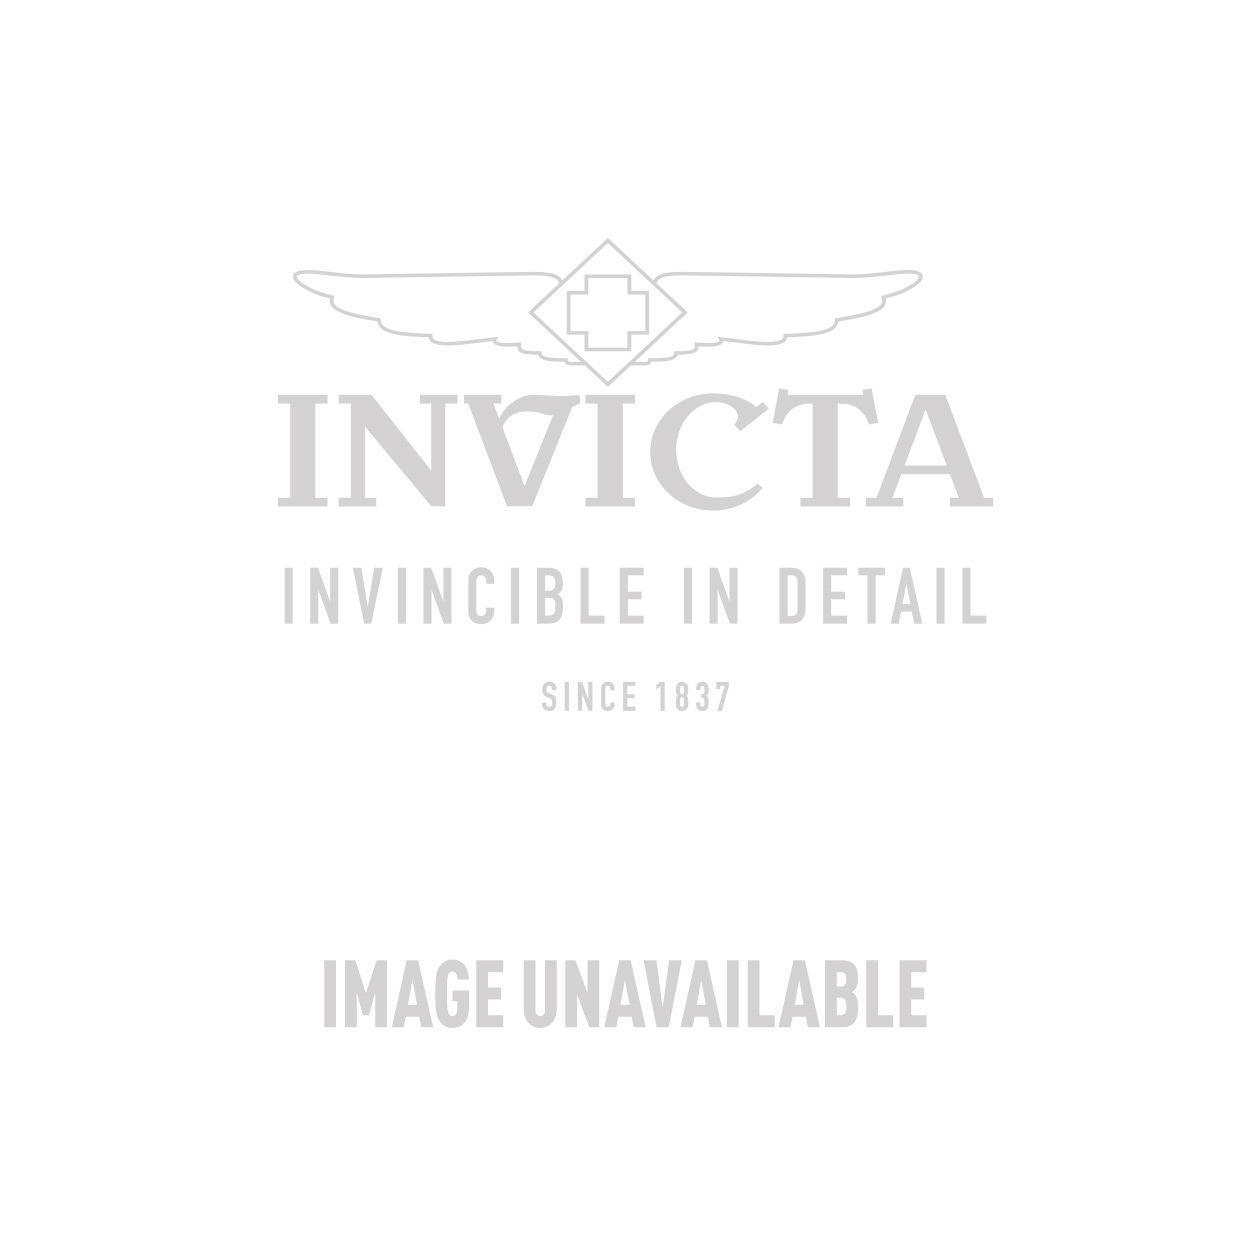 Invicta Model 25559